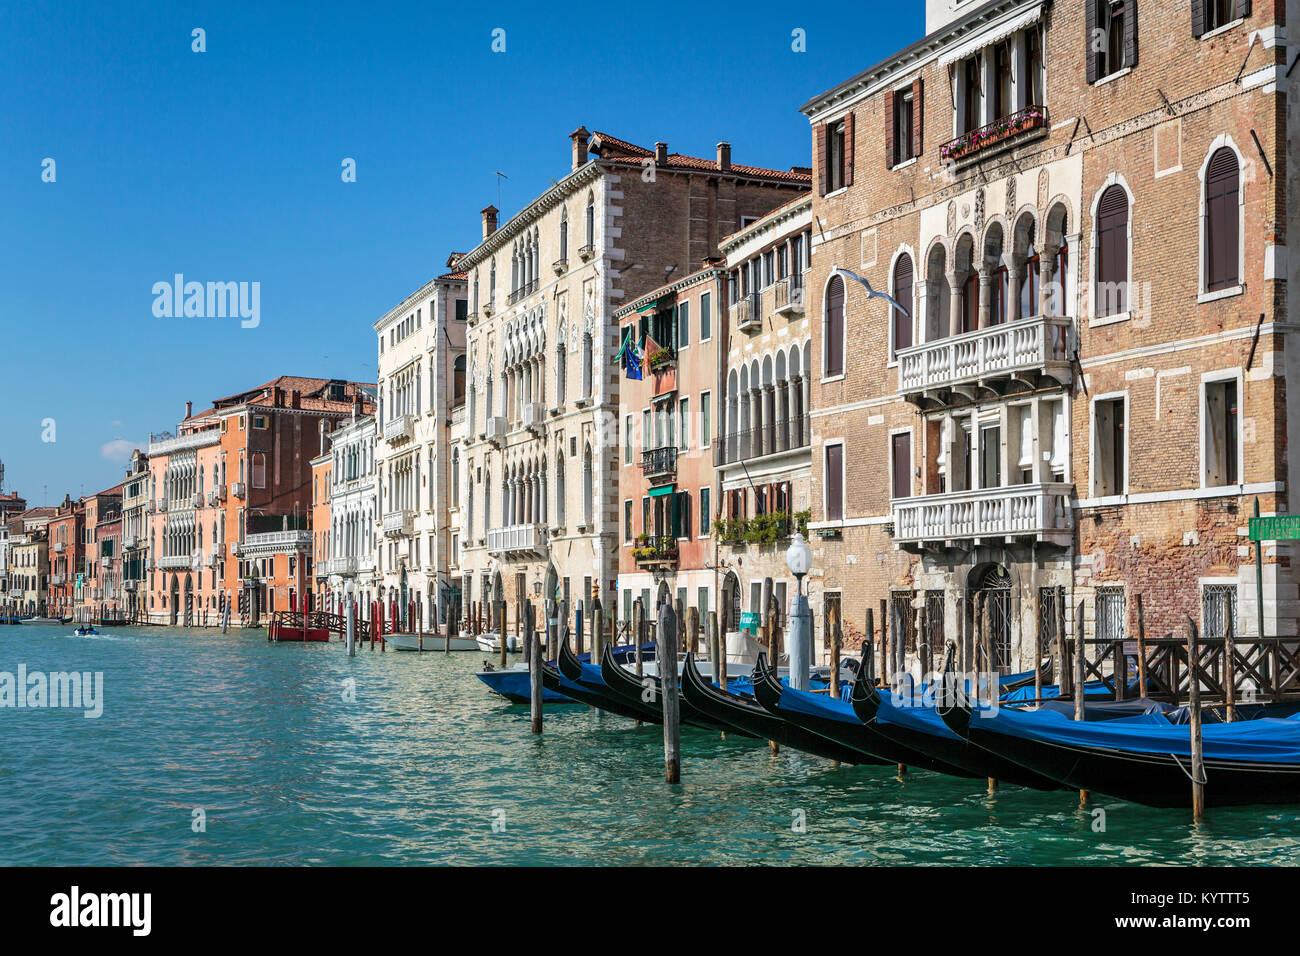 Edifici e barche lungo il Canal Grande in Veneto, Venezia, Italia, Europa Immagini Stock